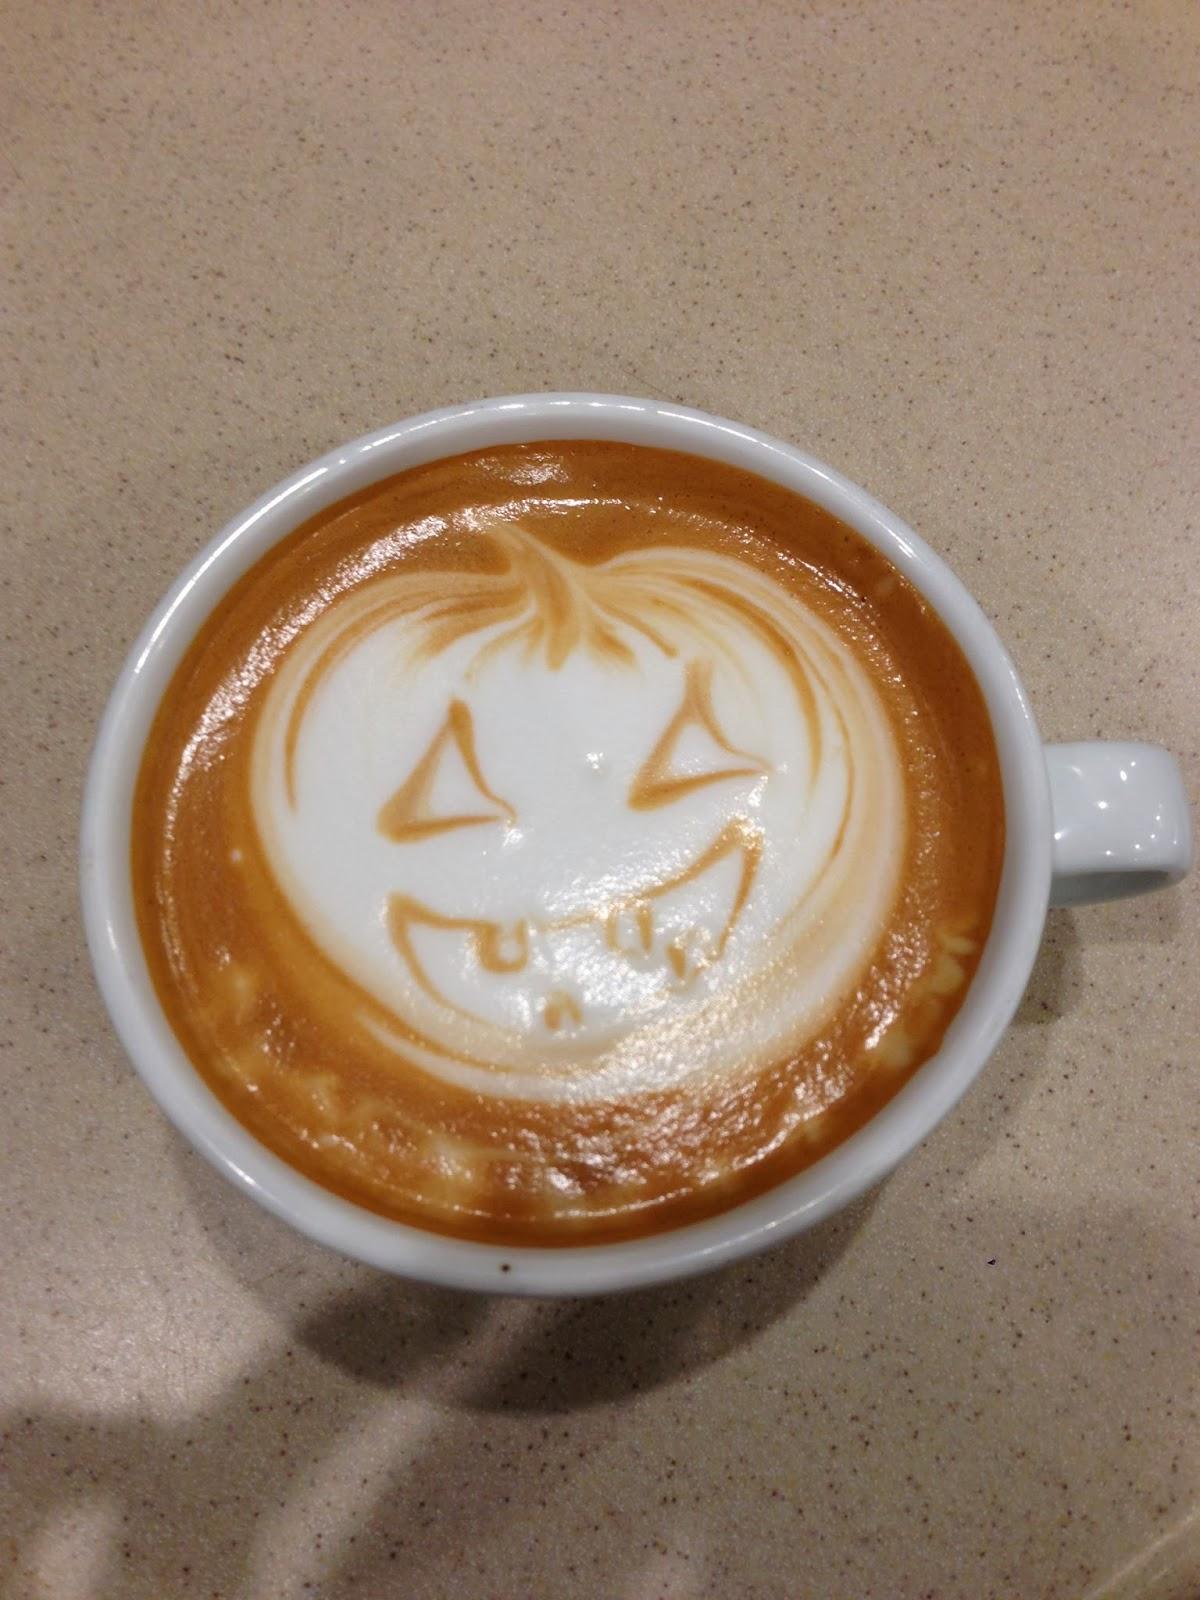 bsclatteart - en güzel latte artlar